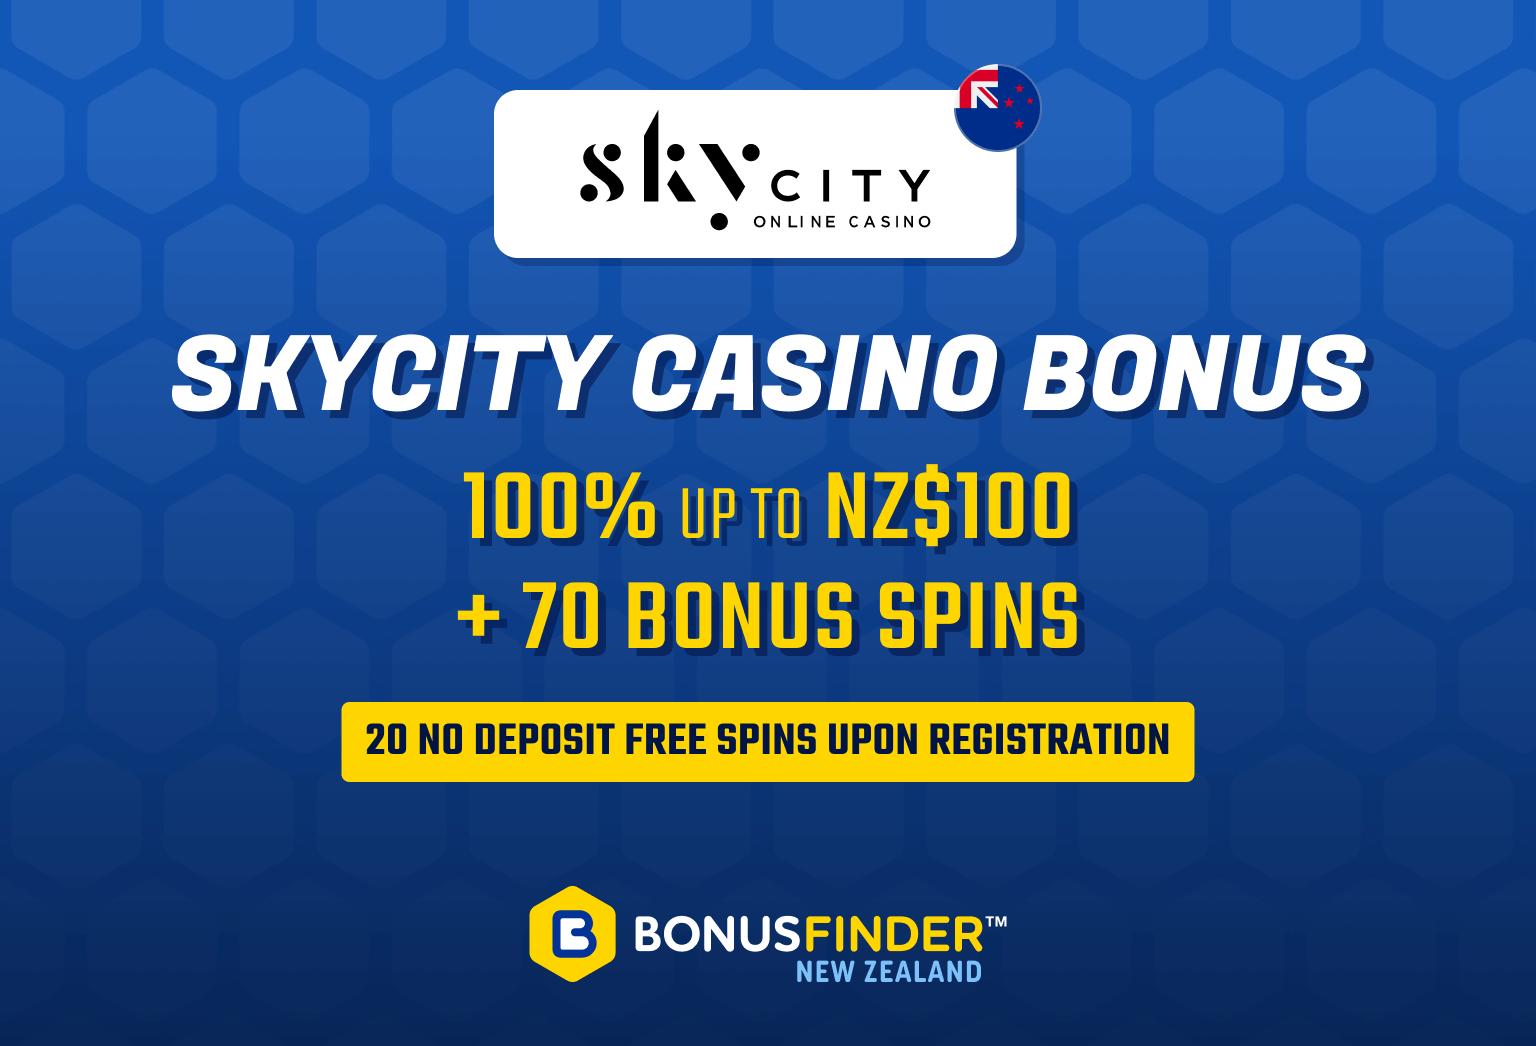 Skycity casino bonus